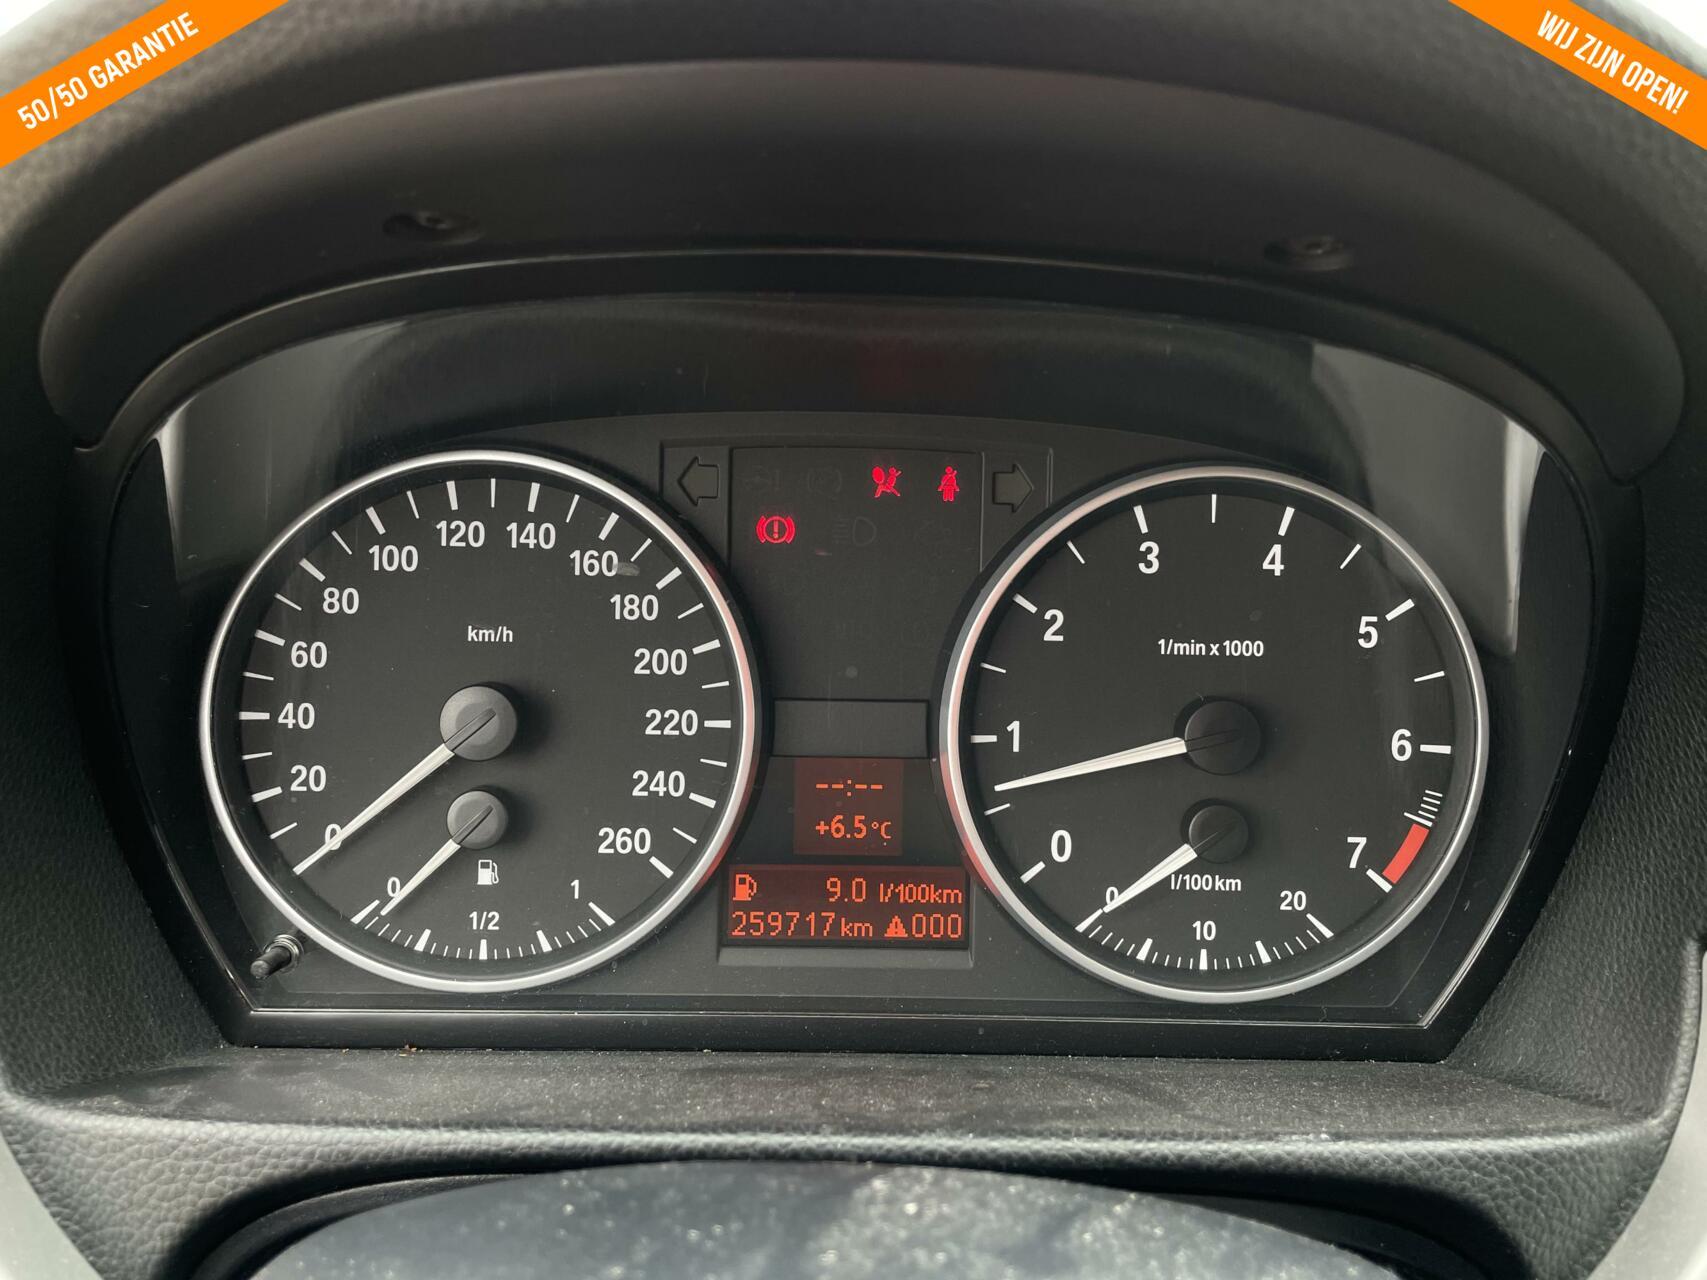 """Caroutlet Groningen - BMW 3-serie 318i High Executive   GROTE NAVI   18"""" LMV NW BANDEN   GETINT GLAS"""